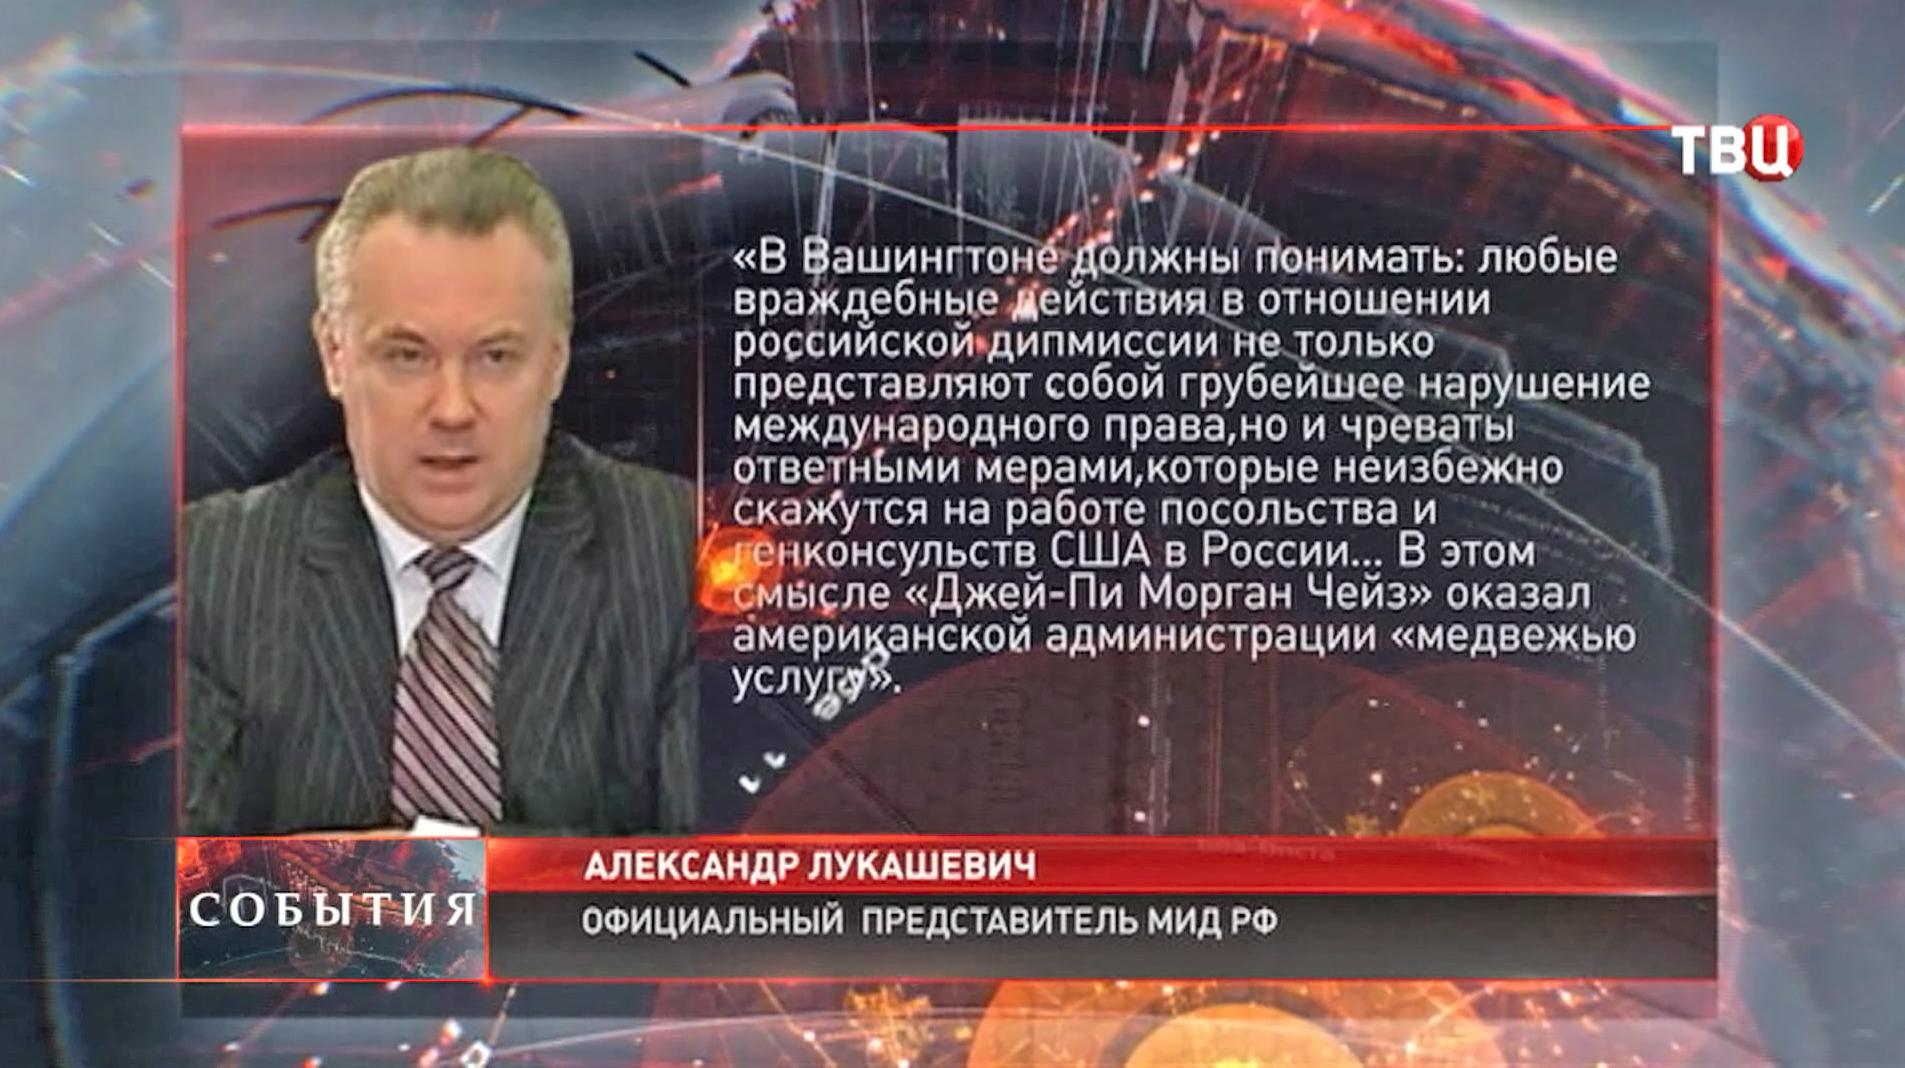 Александр Лукашевич, официальный представитель МИД РФ